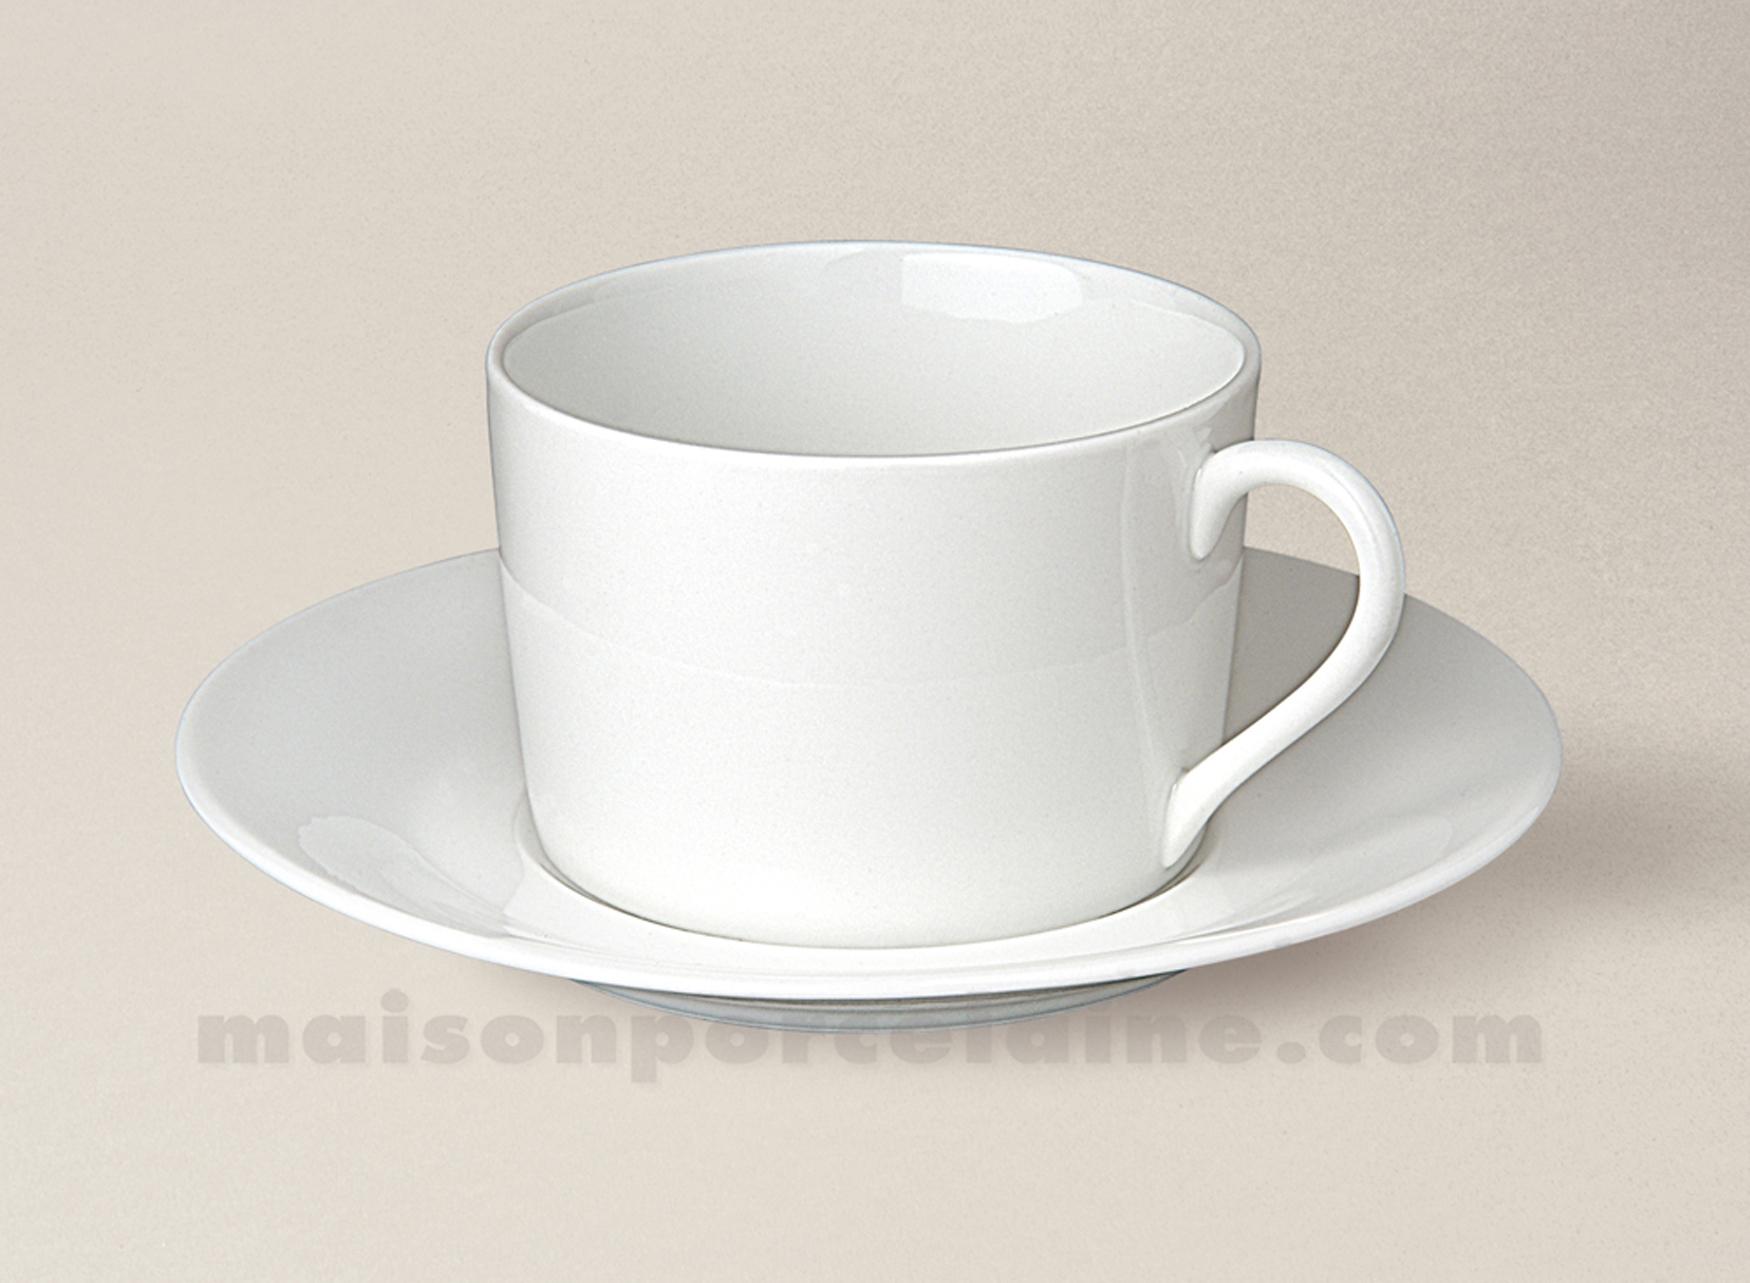 tasse the empire soucoupe porcelaine blanche sologne 20cl maison de la porcelaine. Black Bedroom Furniture Sets. Home Design Ideas